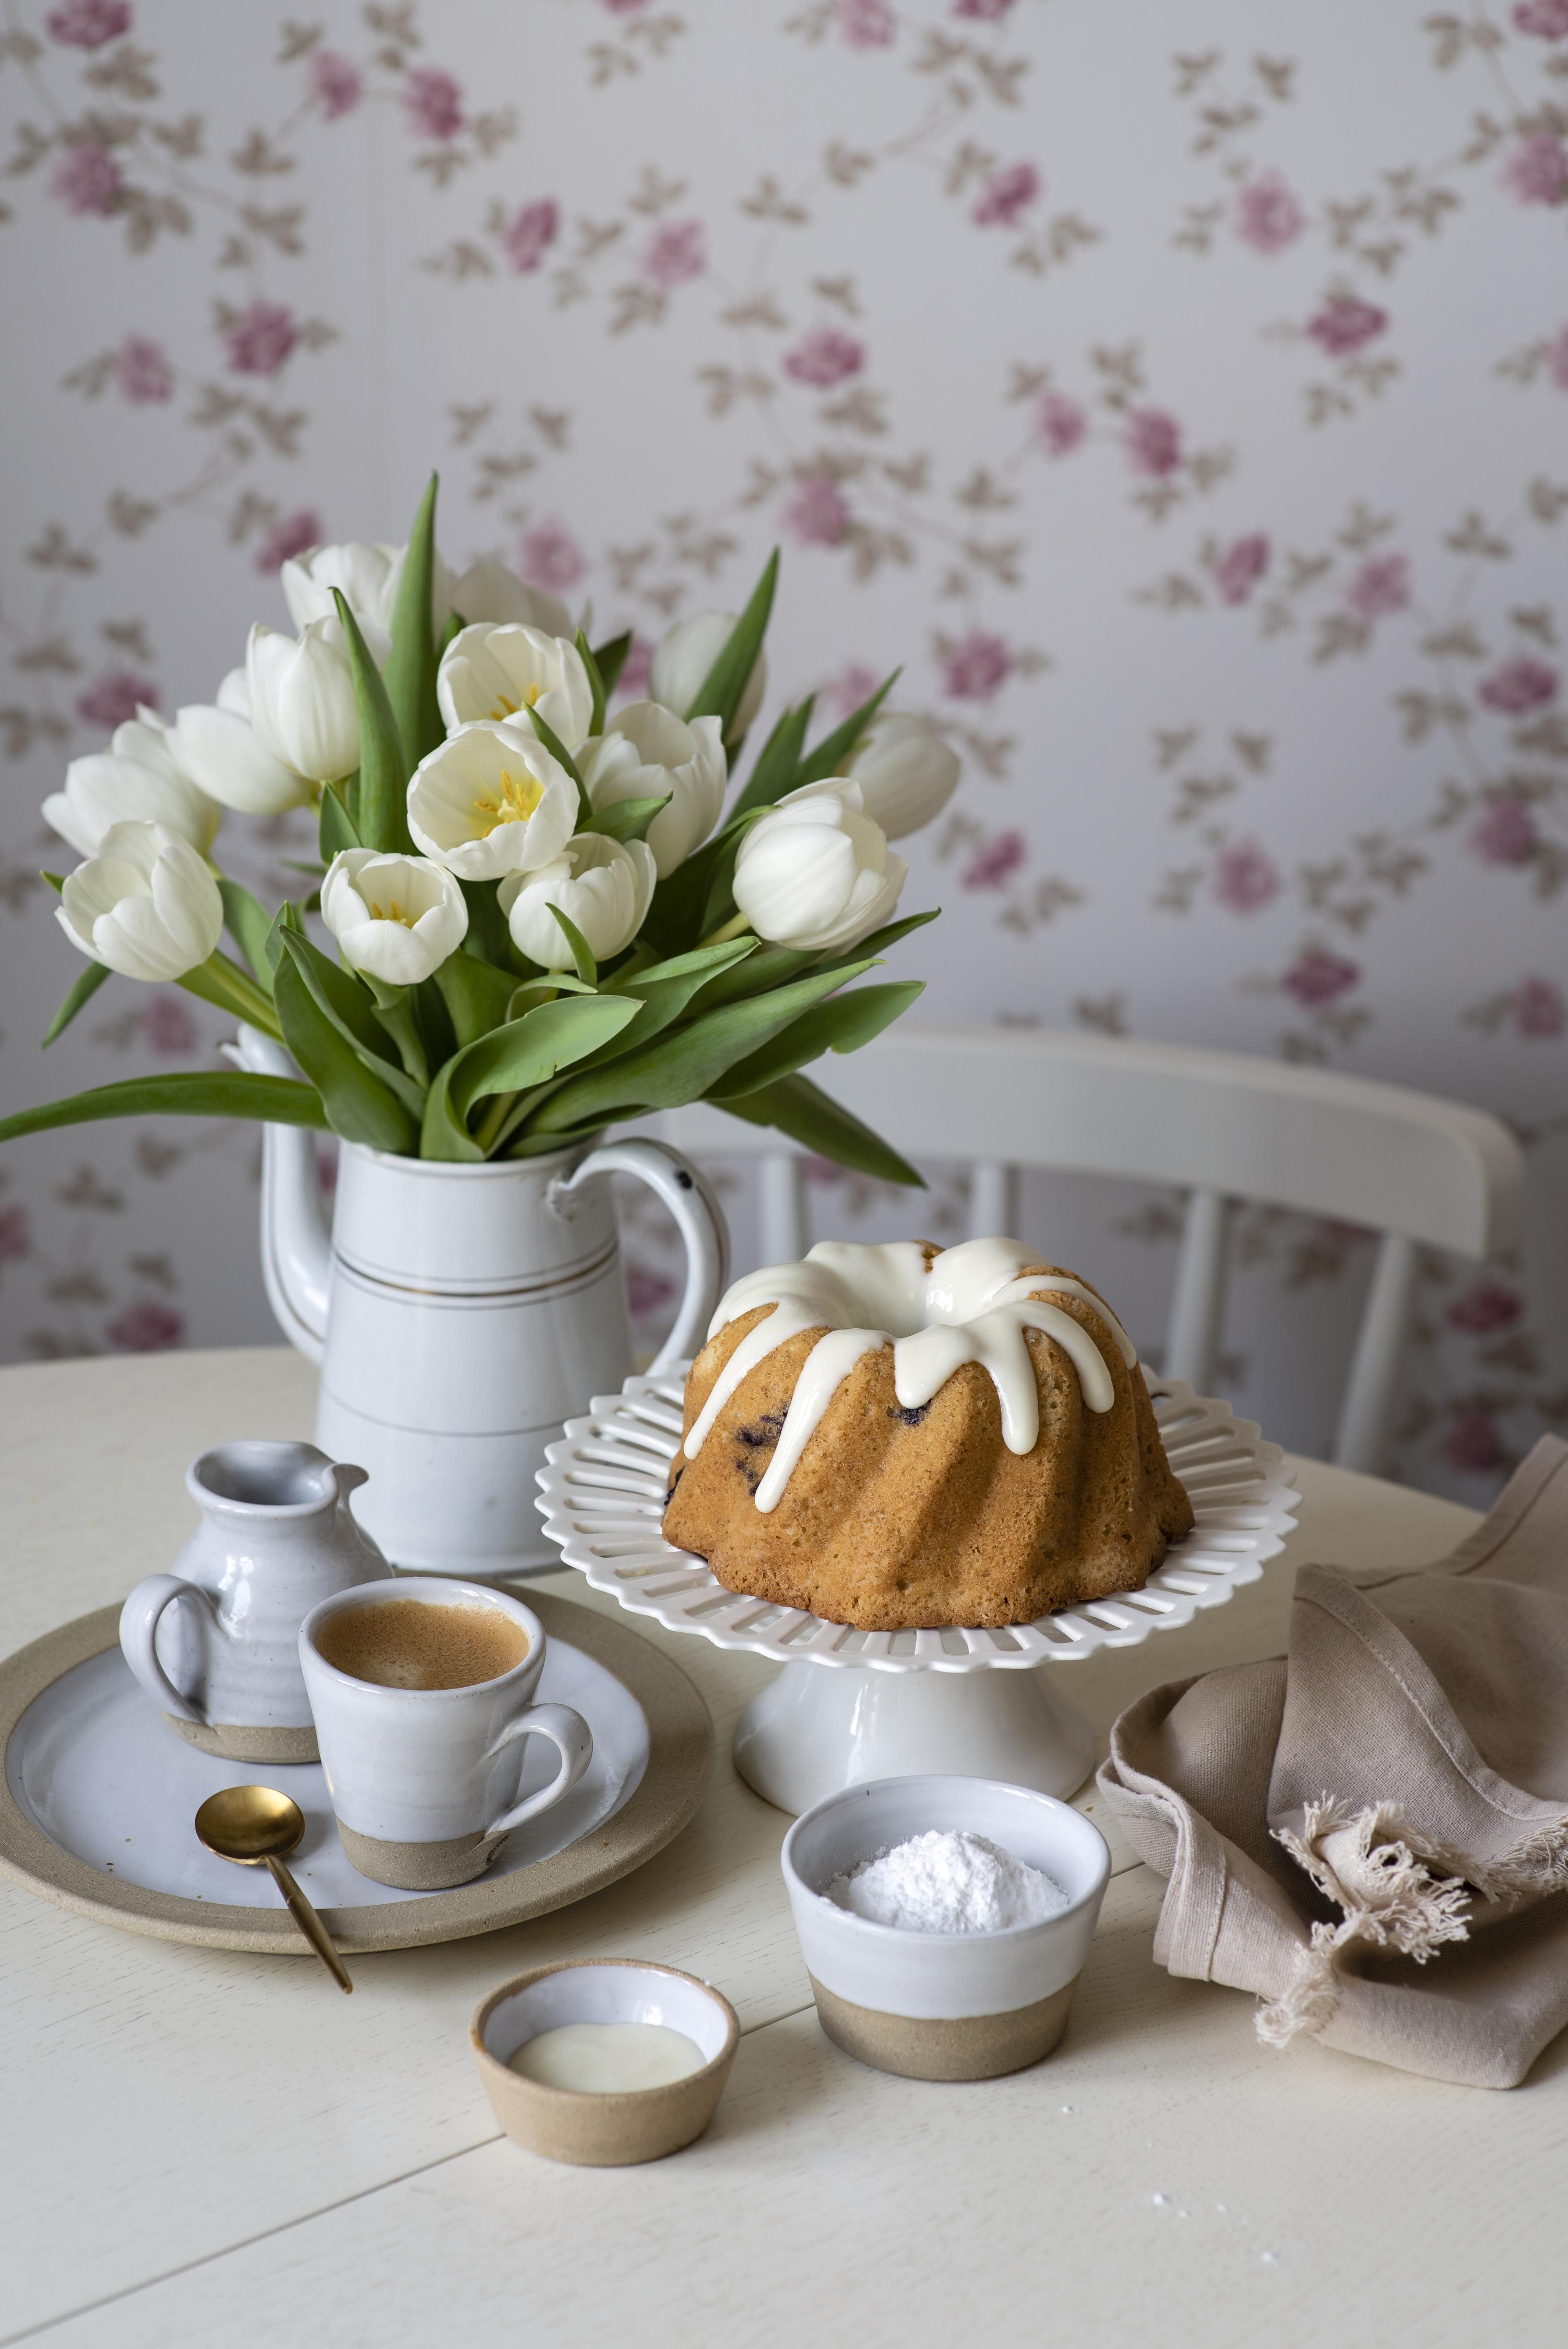 Фото Кофе Кекс Тюльпаны Еда вазы Ложка чашке тарелке  для мобильного телефона тюльпан вазе Пища Ваза ложки Чашка Тарелка Продукты питания